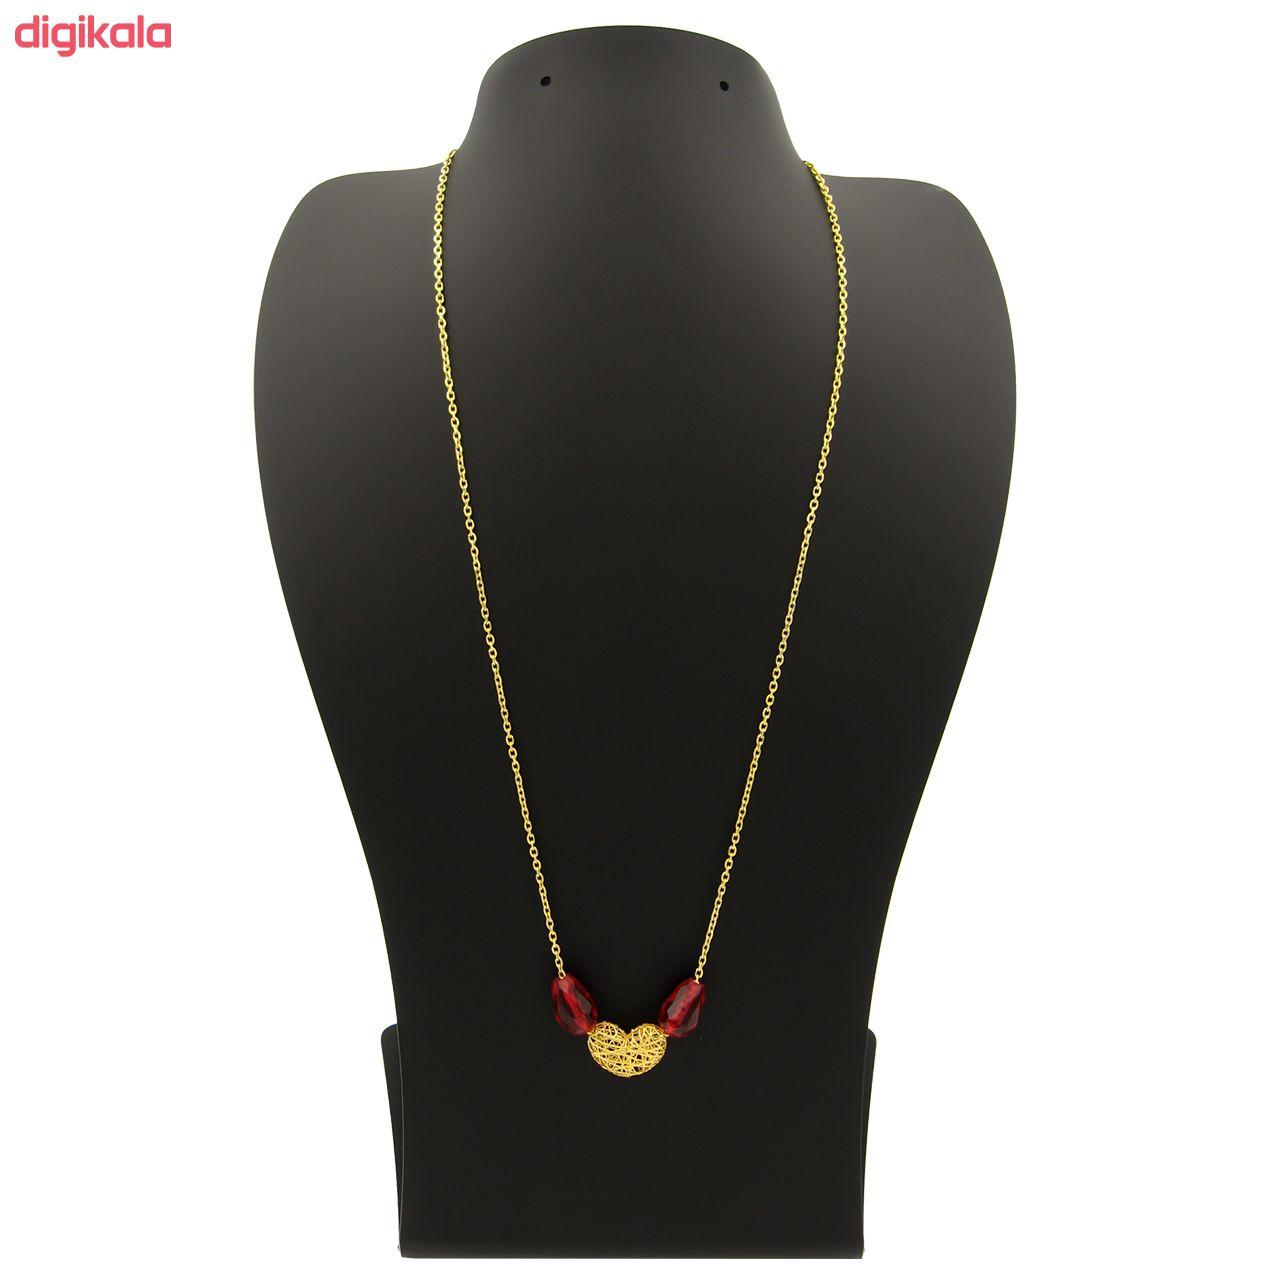 گردنبند طلا 18 عیار زنانه مانچو کد sfgs008 main 1 2